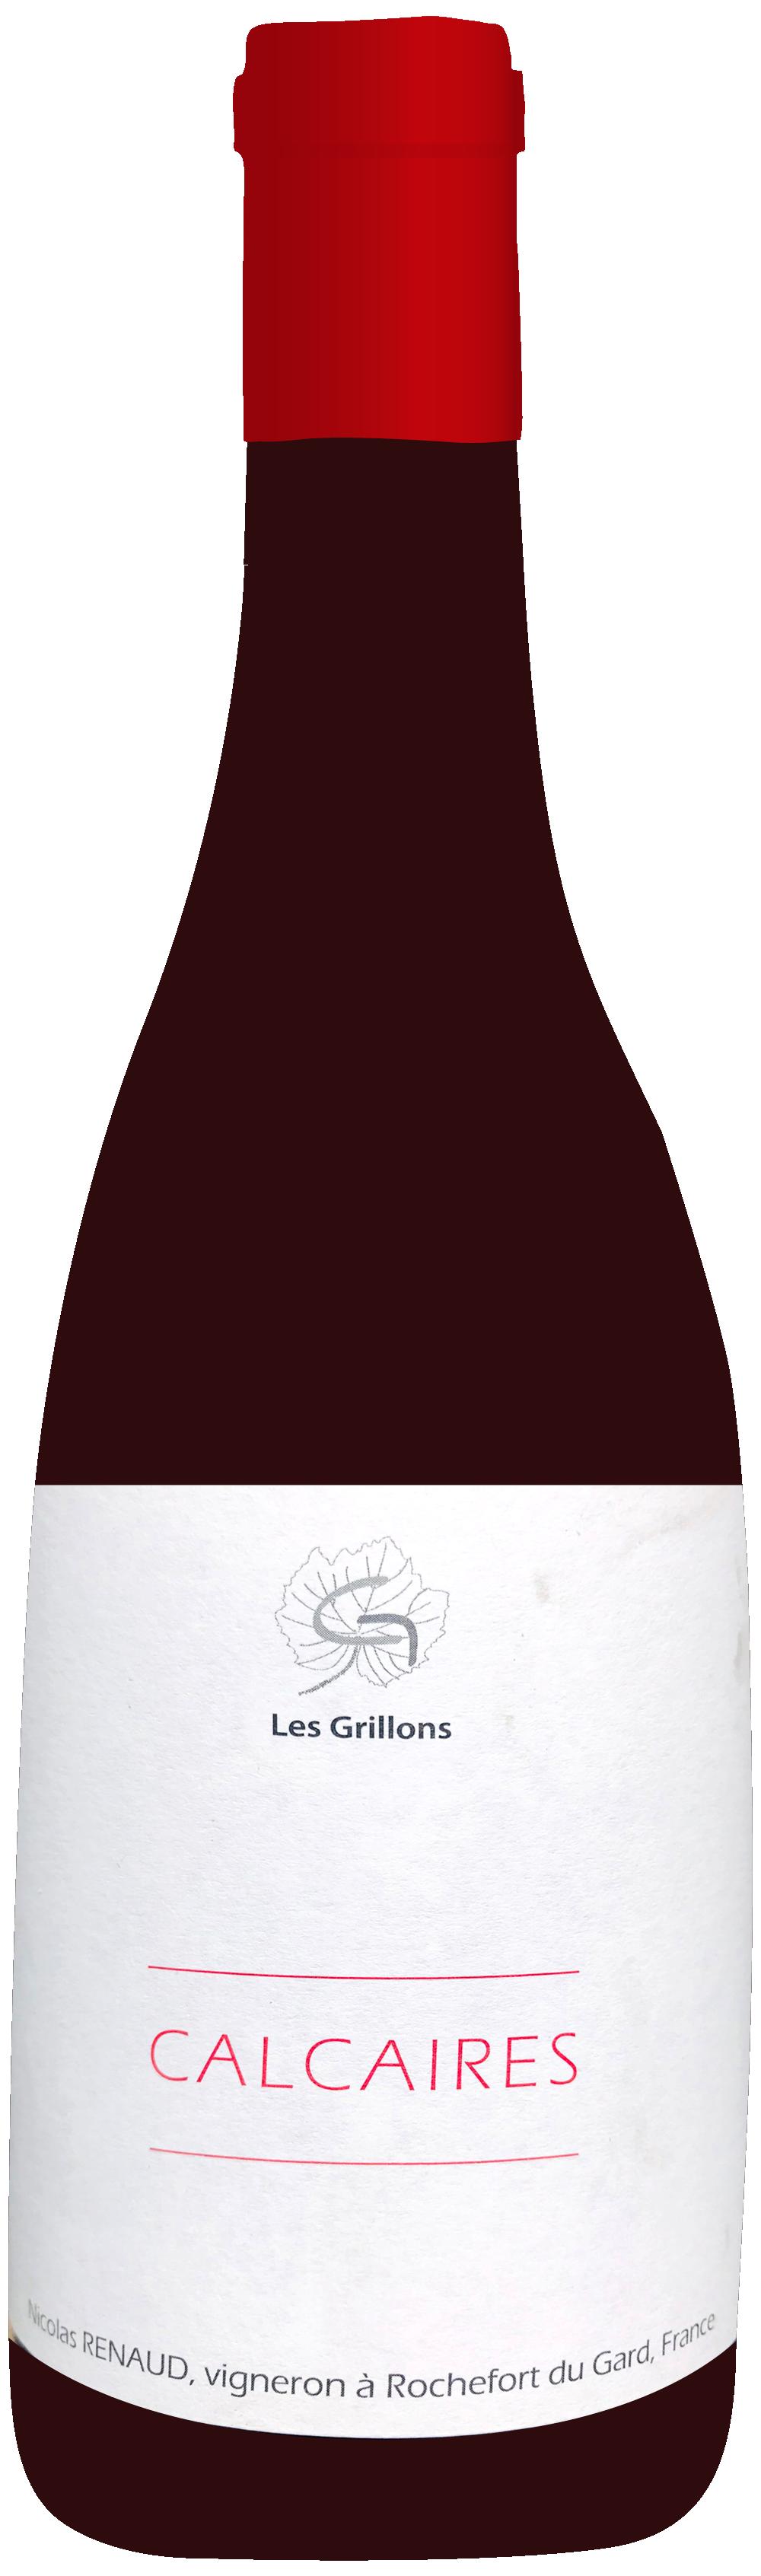 thenaturalwinecompany_october bottles_20216